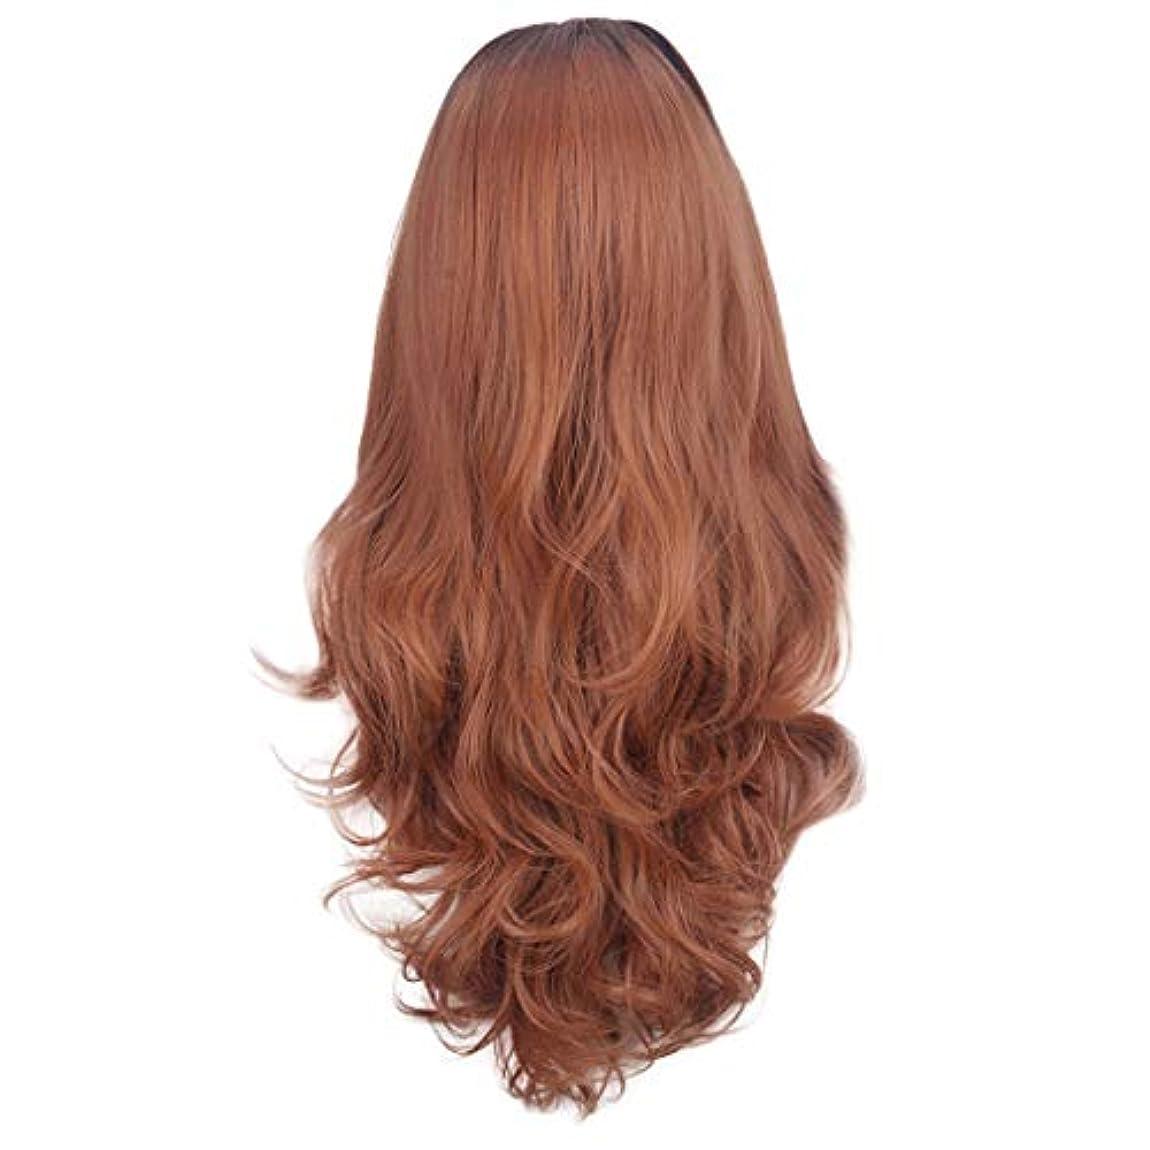 あいまいなとにかく十億茶色の女性のかつらの長い巻き毛のフロントレースかつら80CM